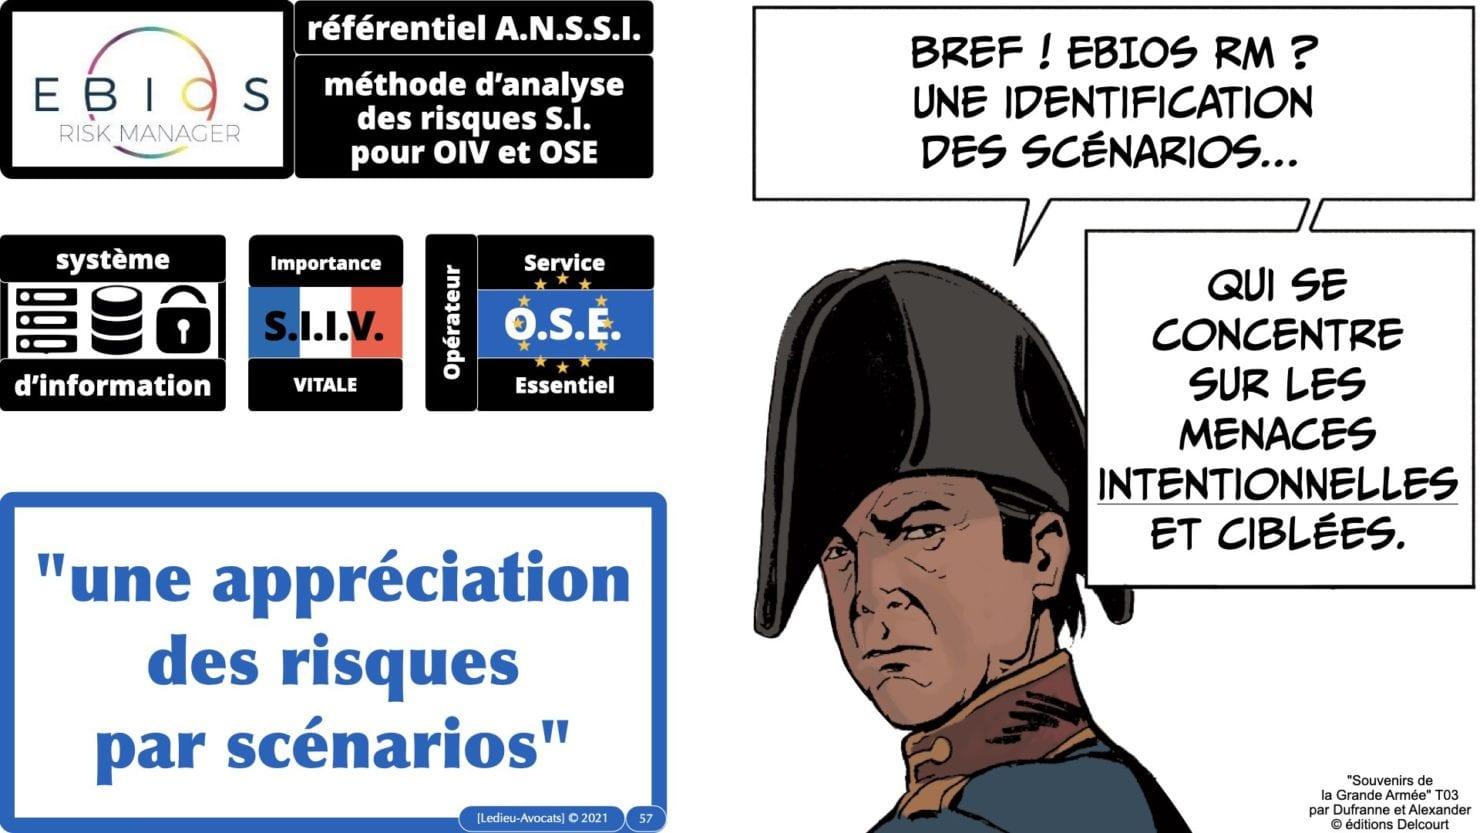 342 cyber sécurité #2 OIV OSE analyse risque EBIOS RM © Ledieu-avocat 15-07-2021.057